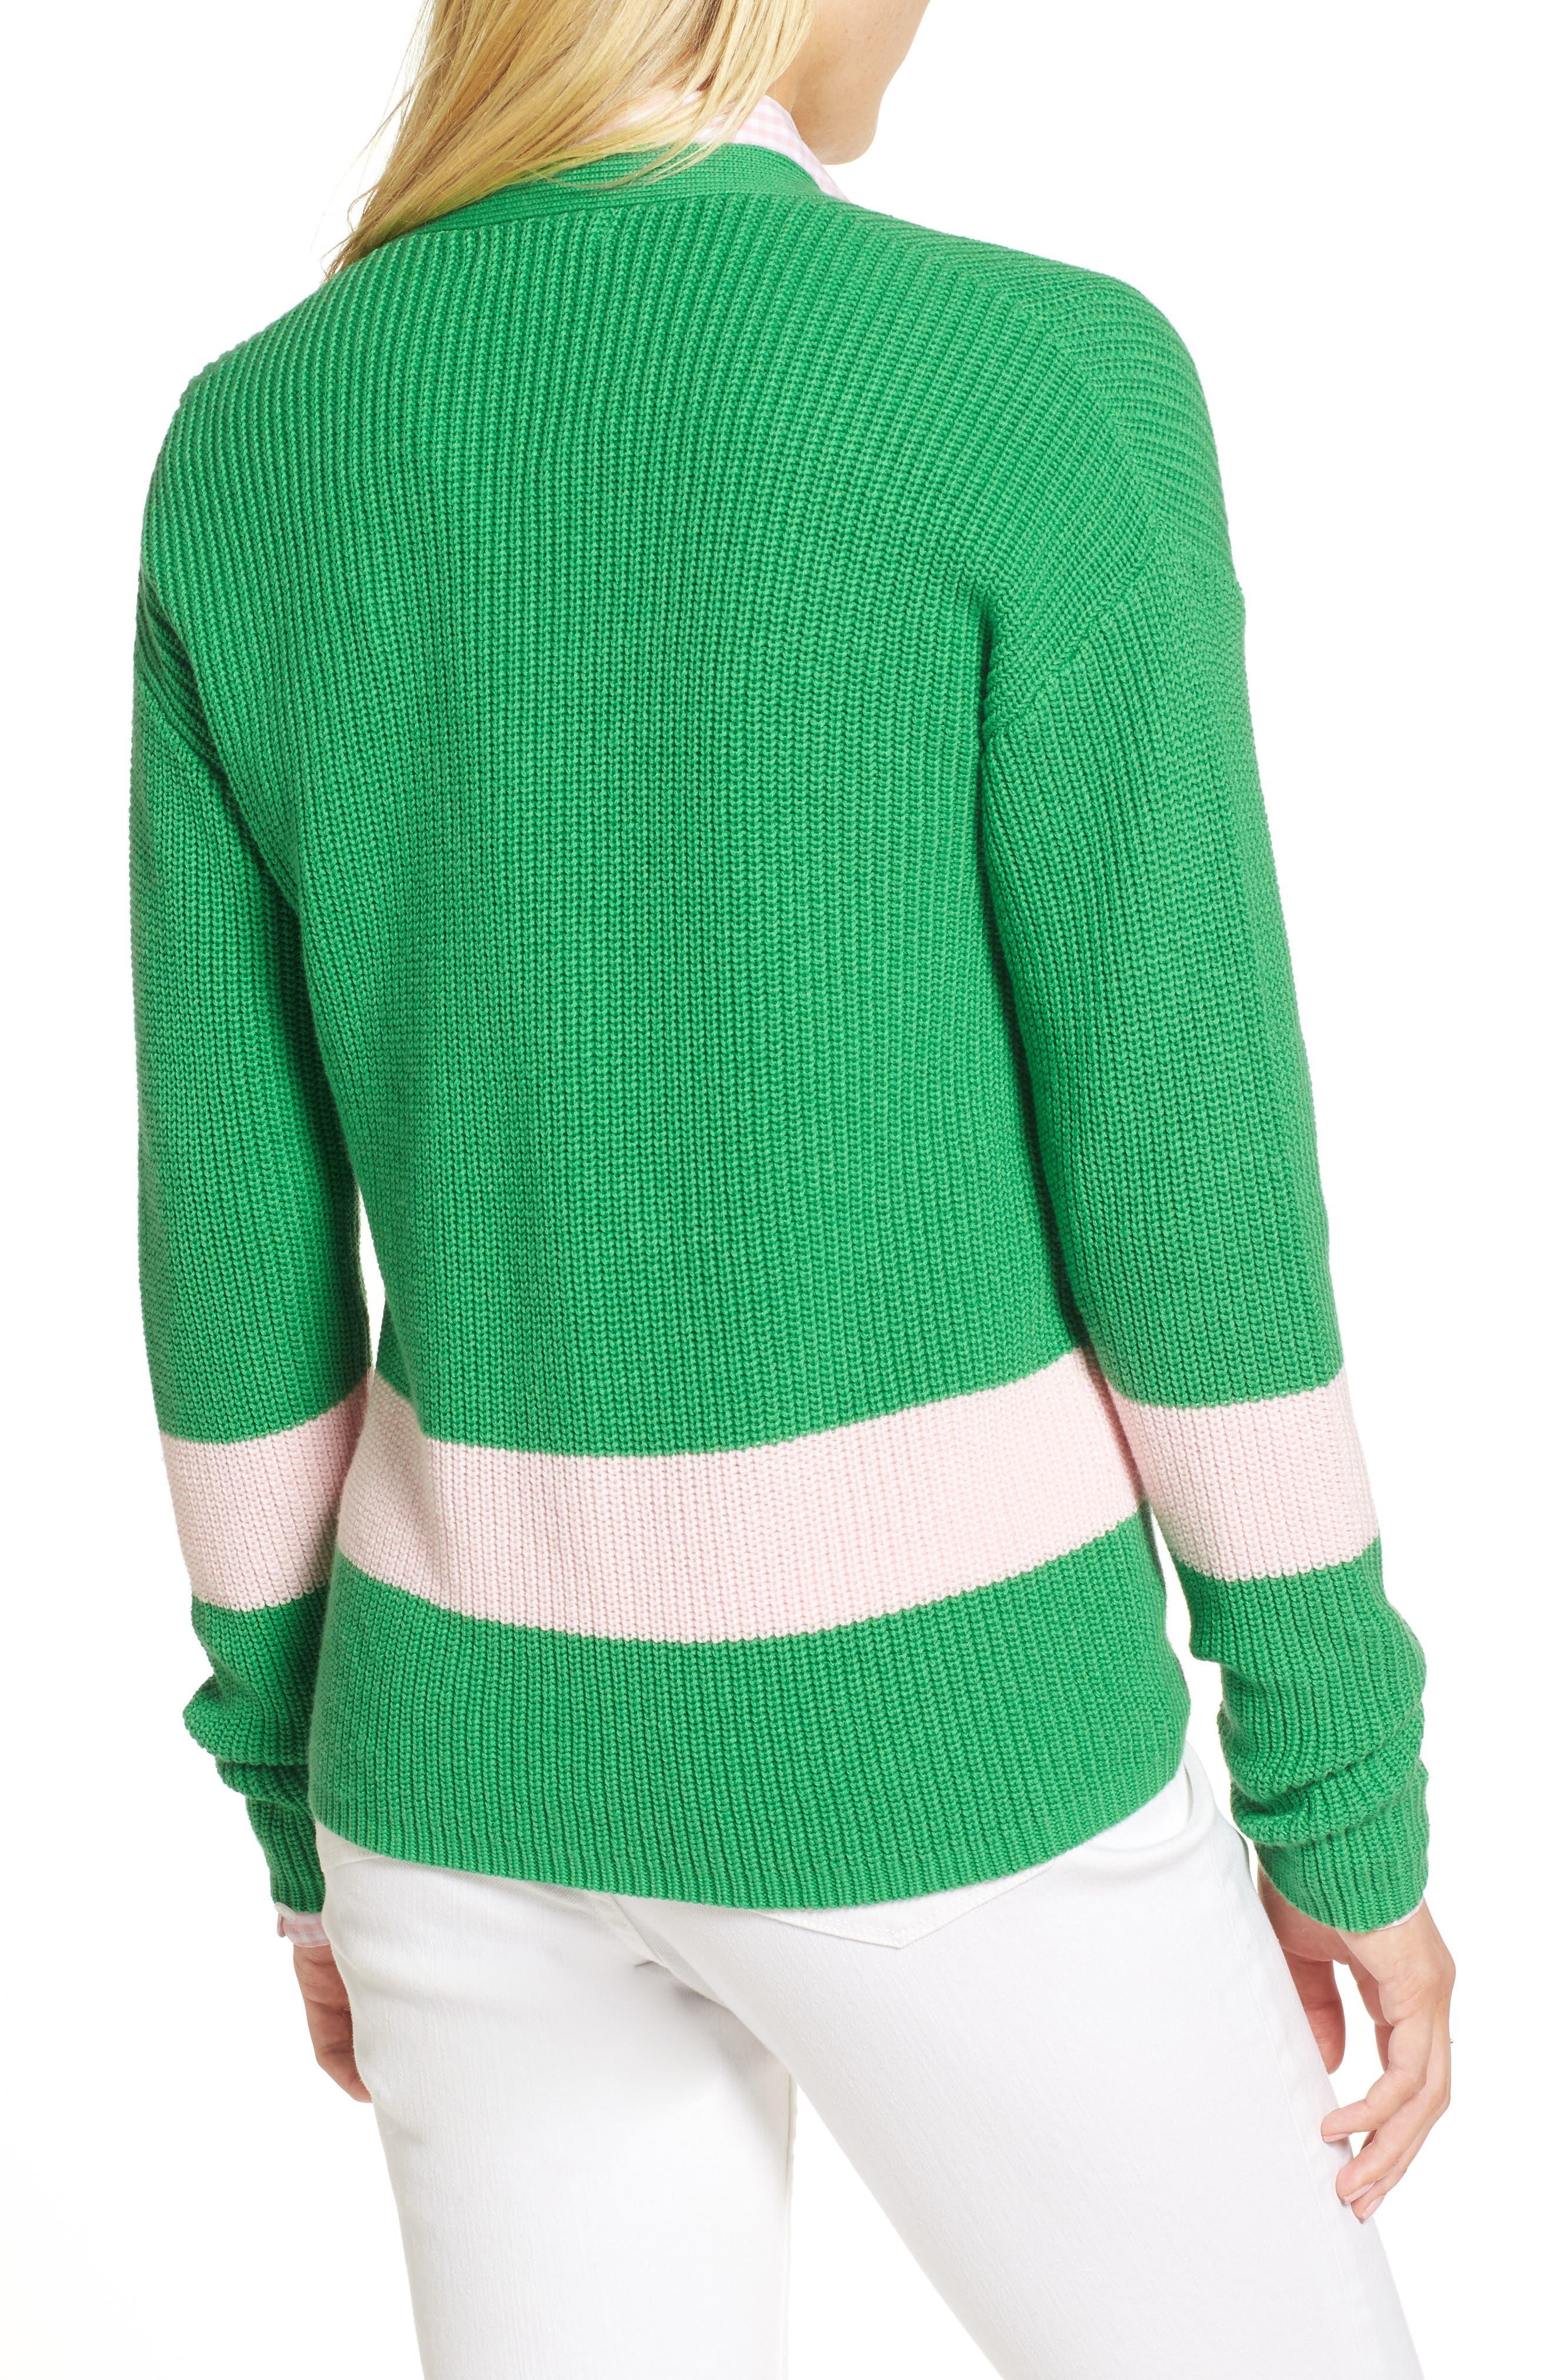 Shaker Knit Cardigan,                             Alternate thumbnail 10, color,